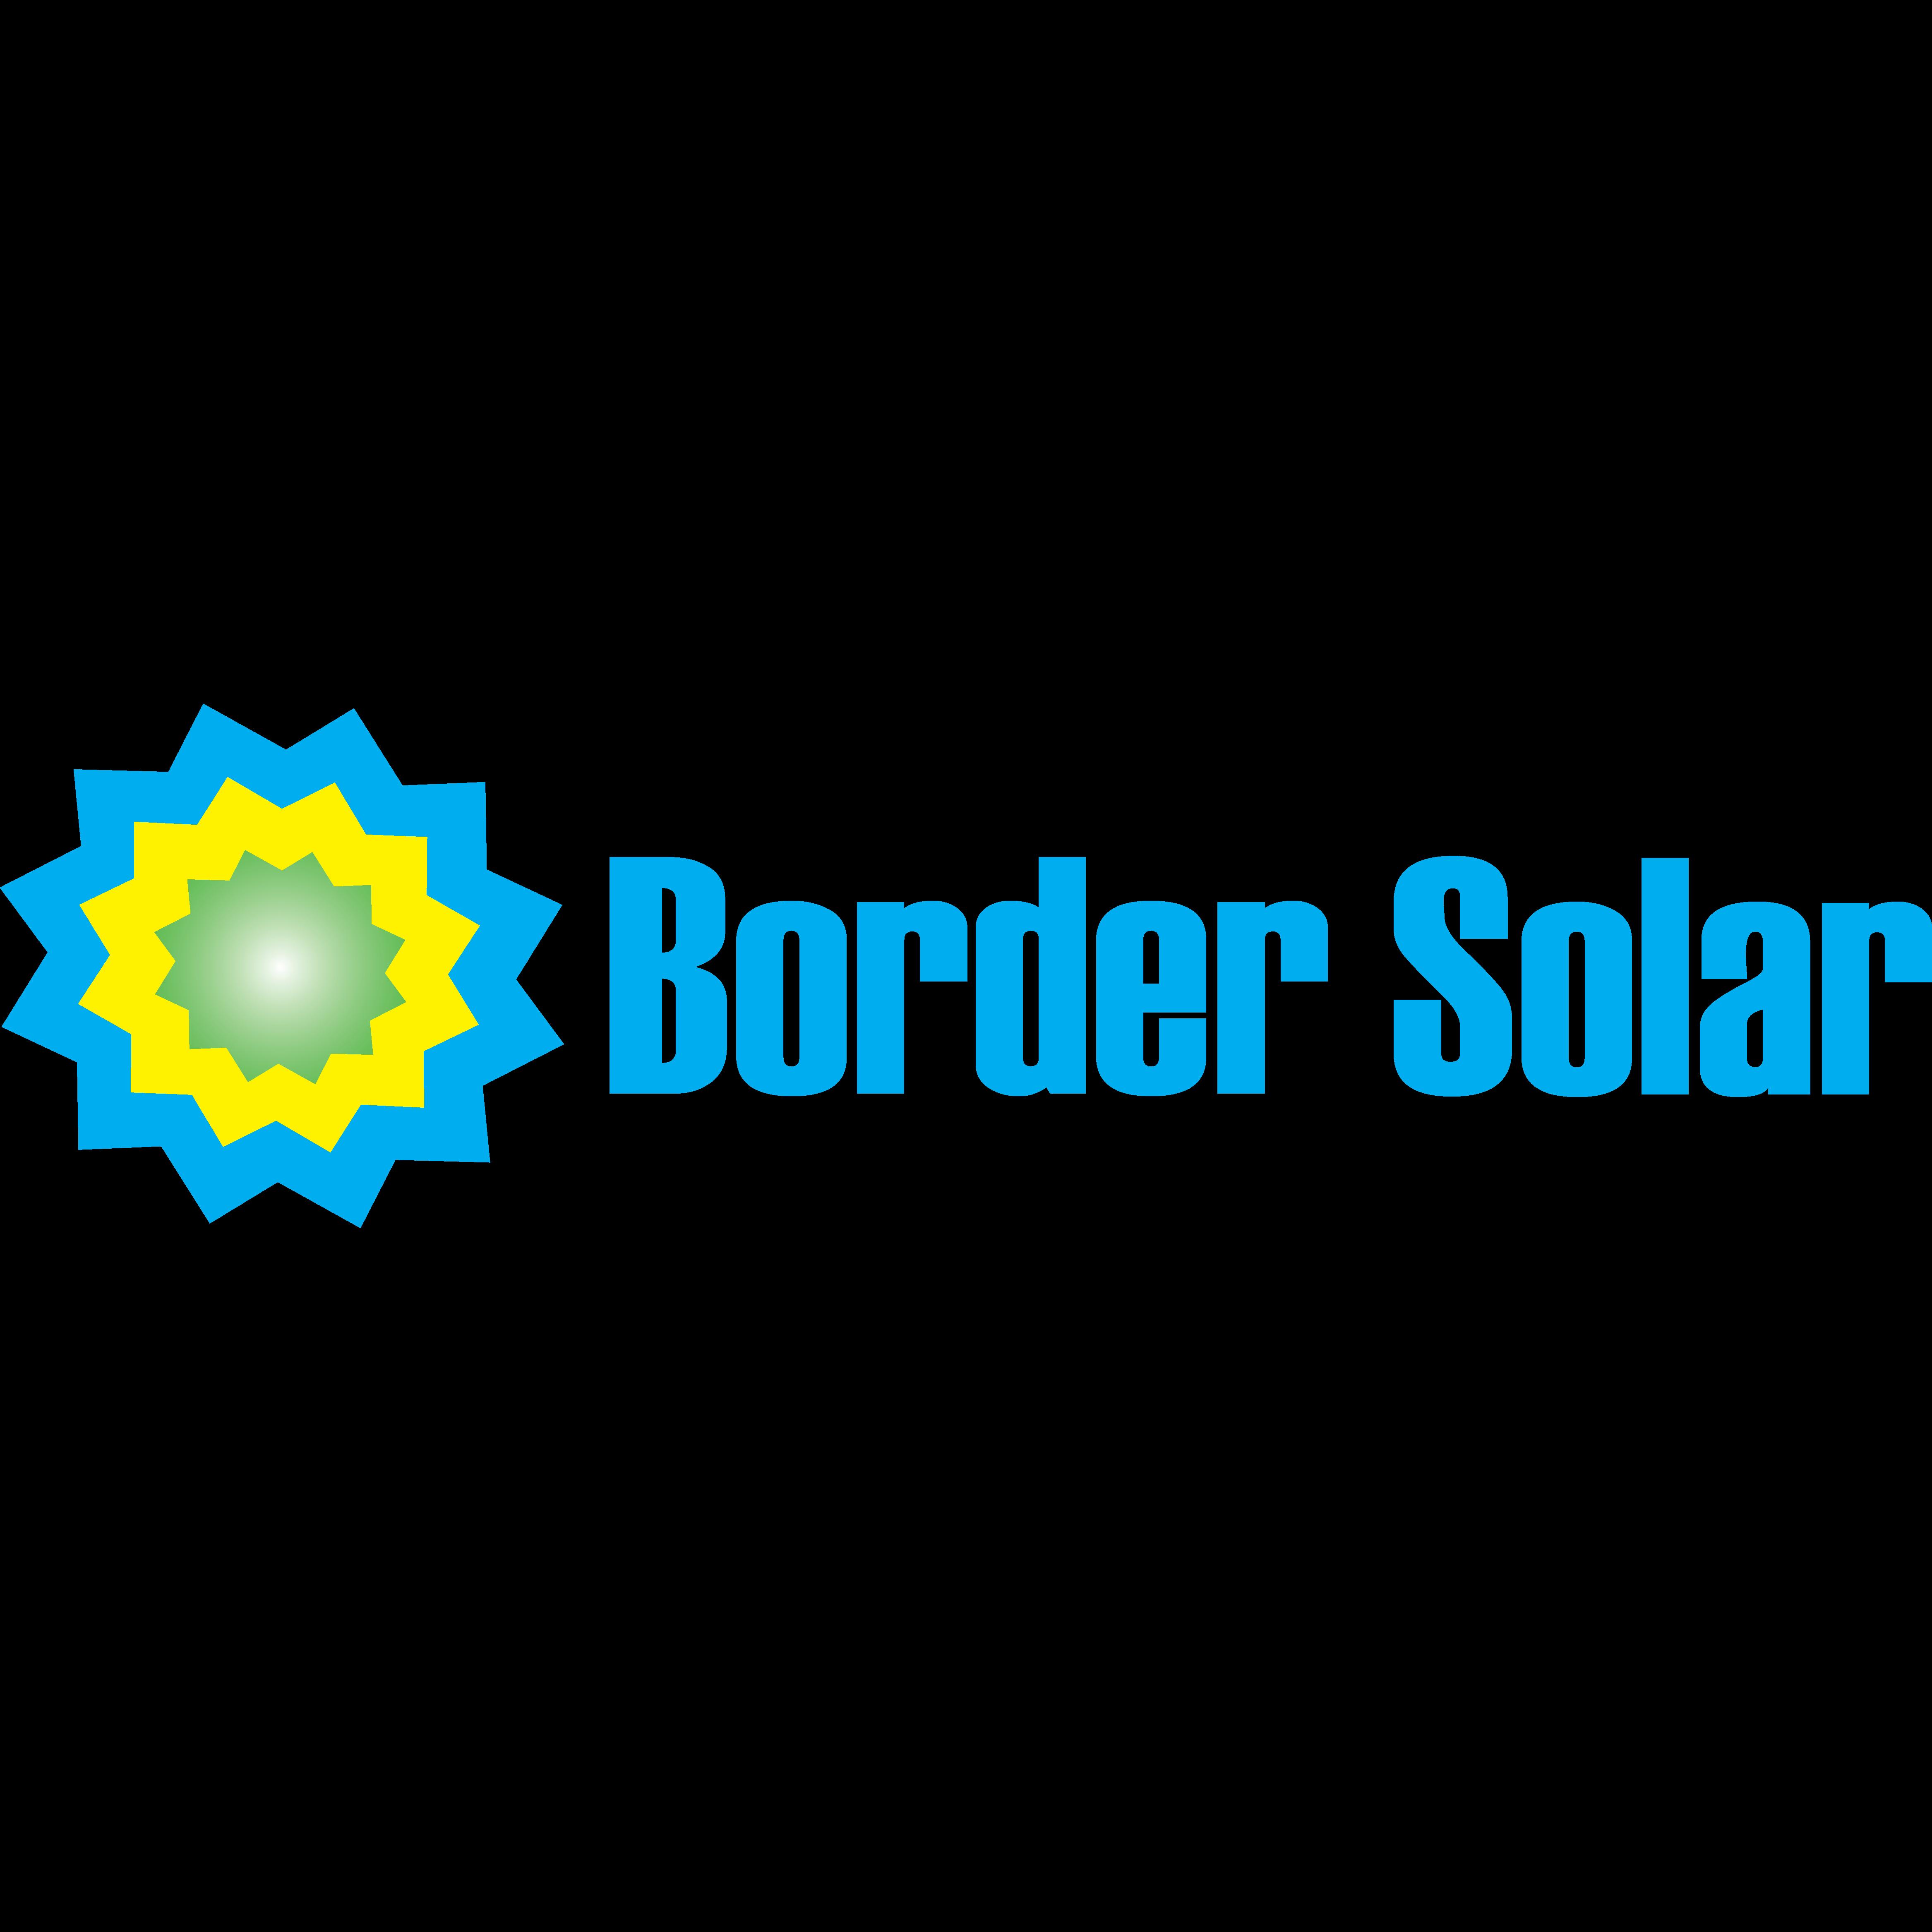 Border Solar